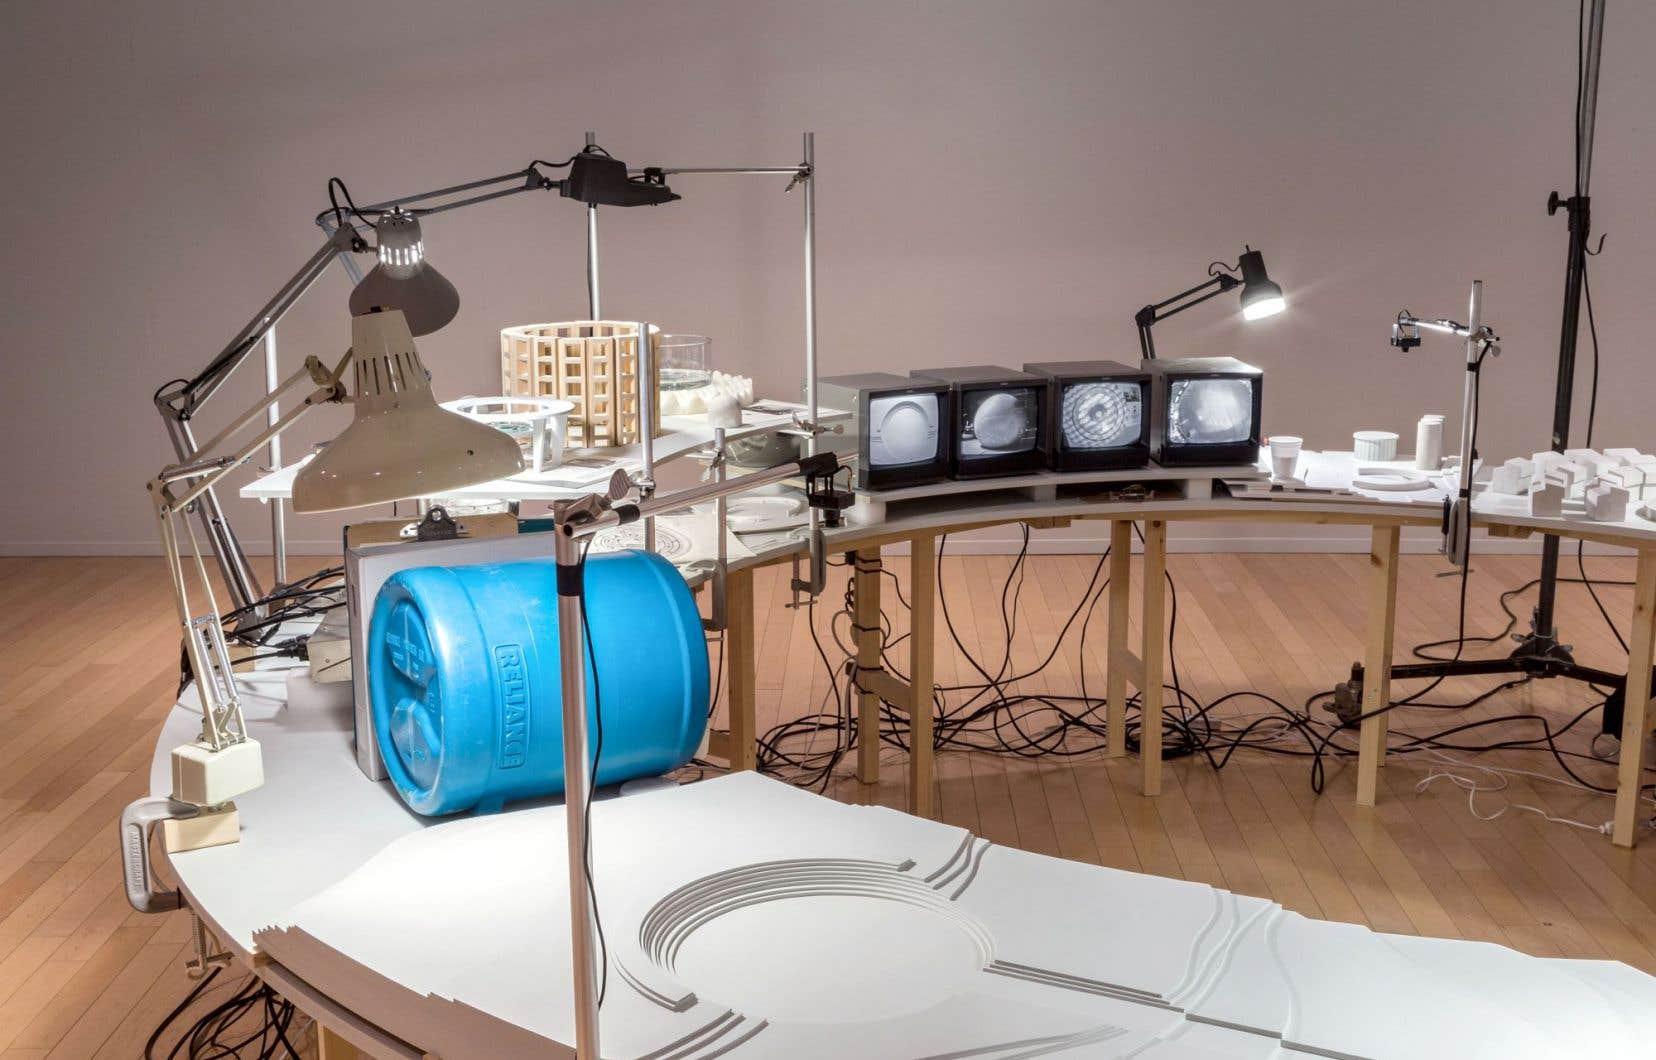 L'installation fait ressortir la dimension utopique des projets historiques évoqués, des fictions que l'artiste cherche à nous faire explorer.